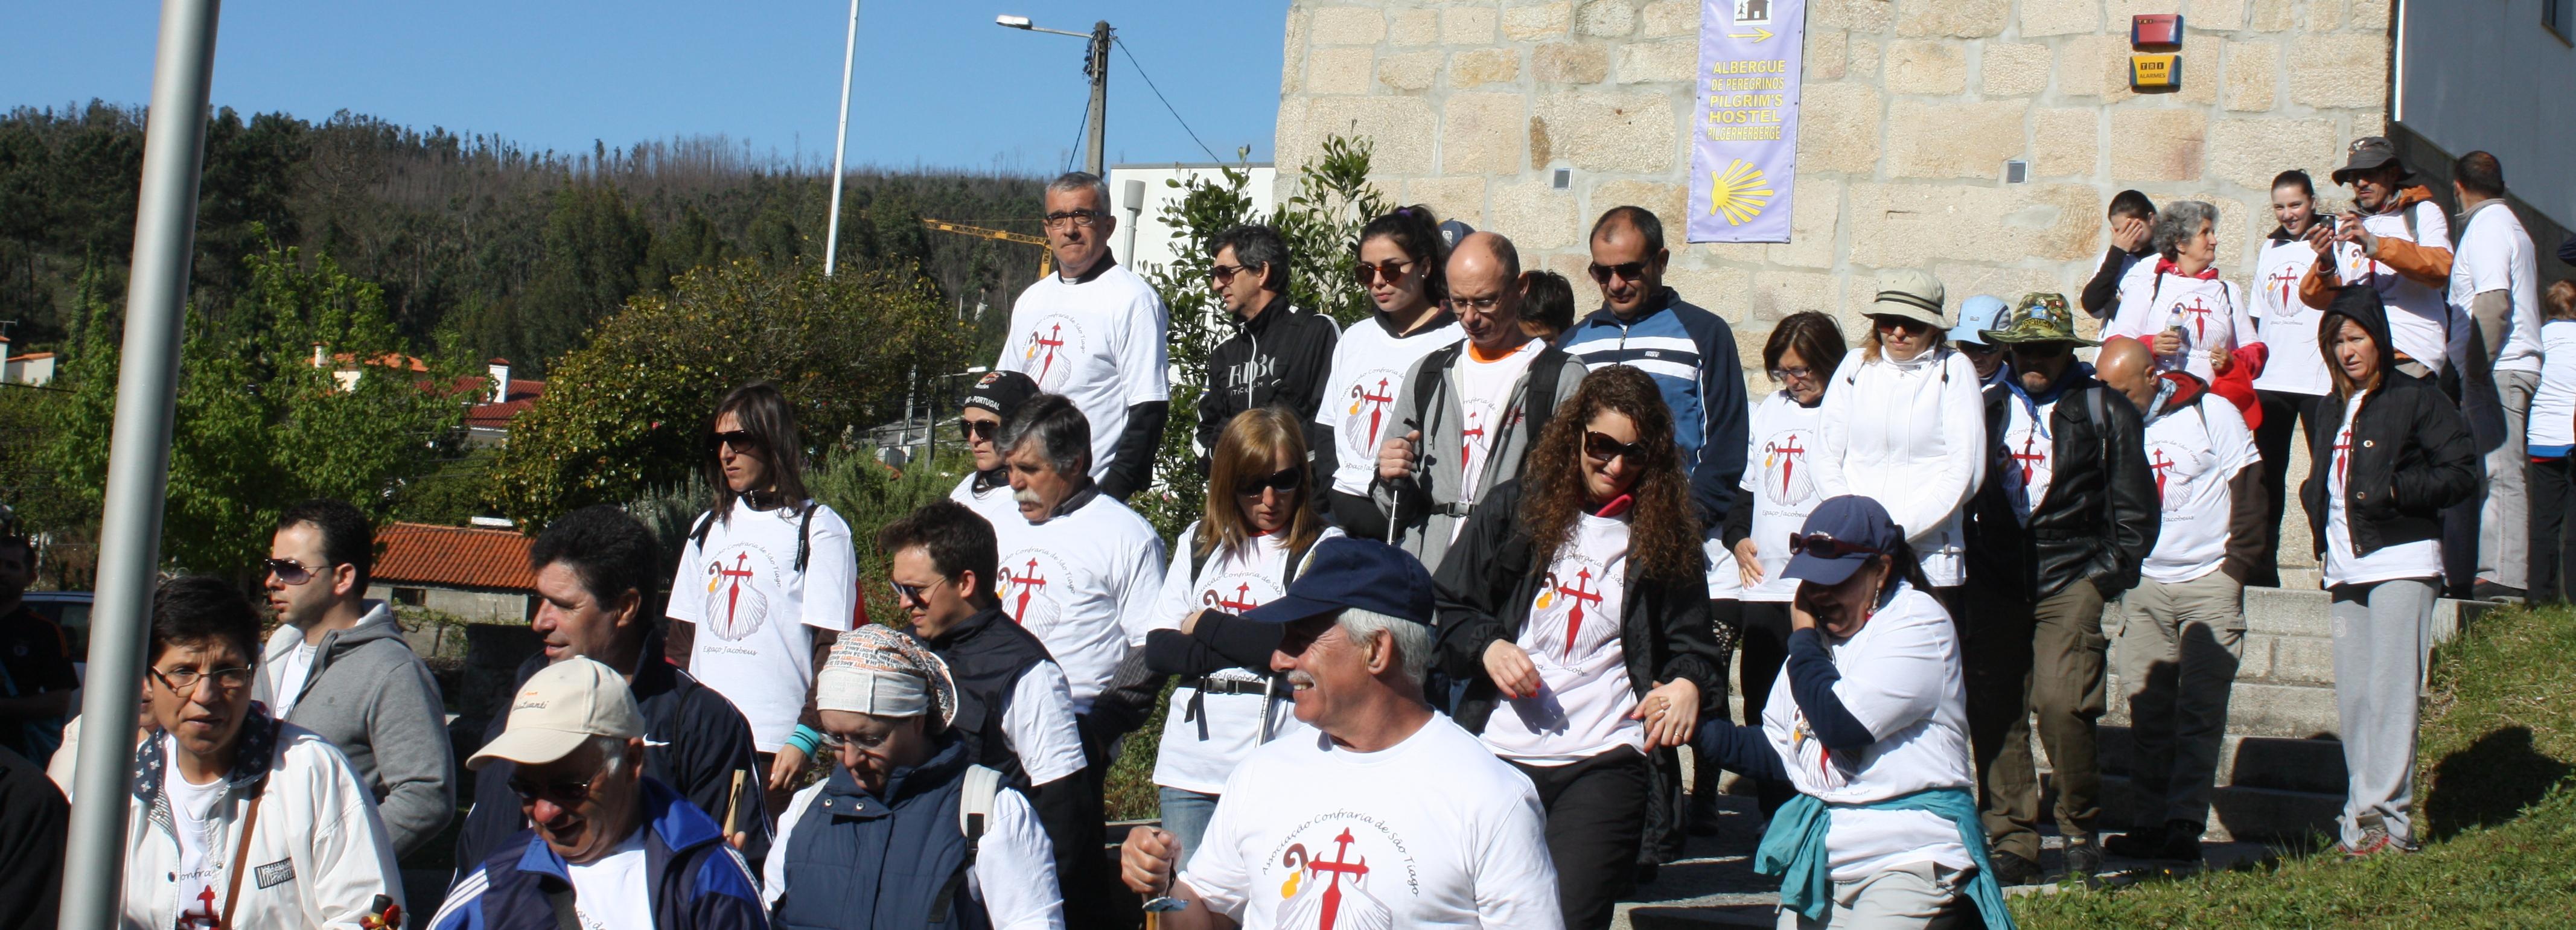 Caminhos de Santiago marcam arranque da Festa das Cruzes 2013